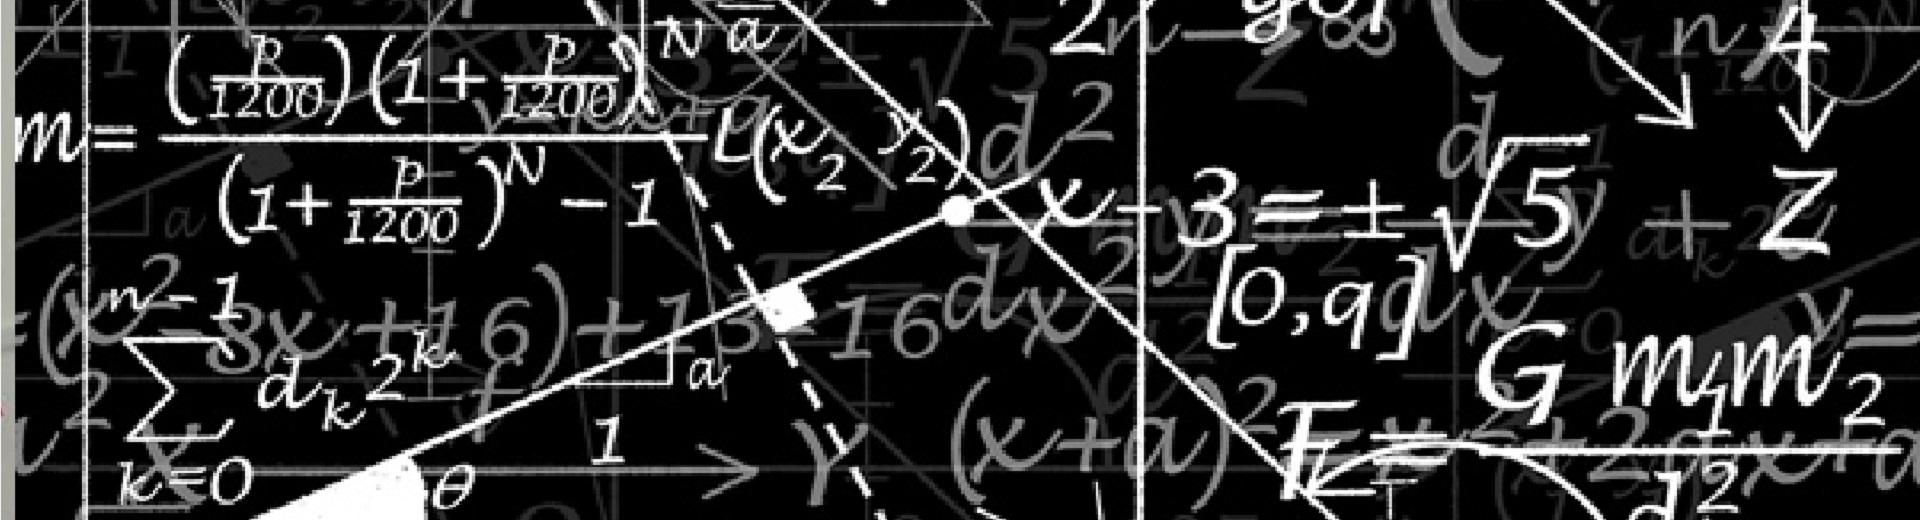 Портал КФУ \ Образование \ Институт физики \ Структура \ Кафедры \ Кафедра теоретической физики \ Научный семинар